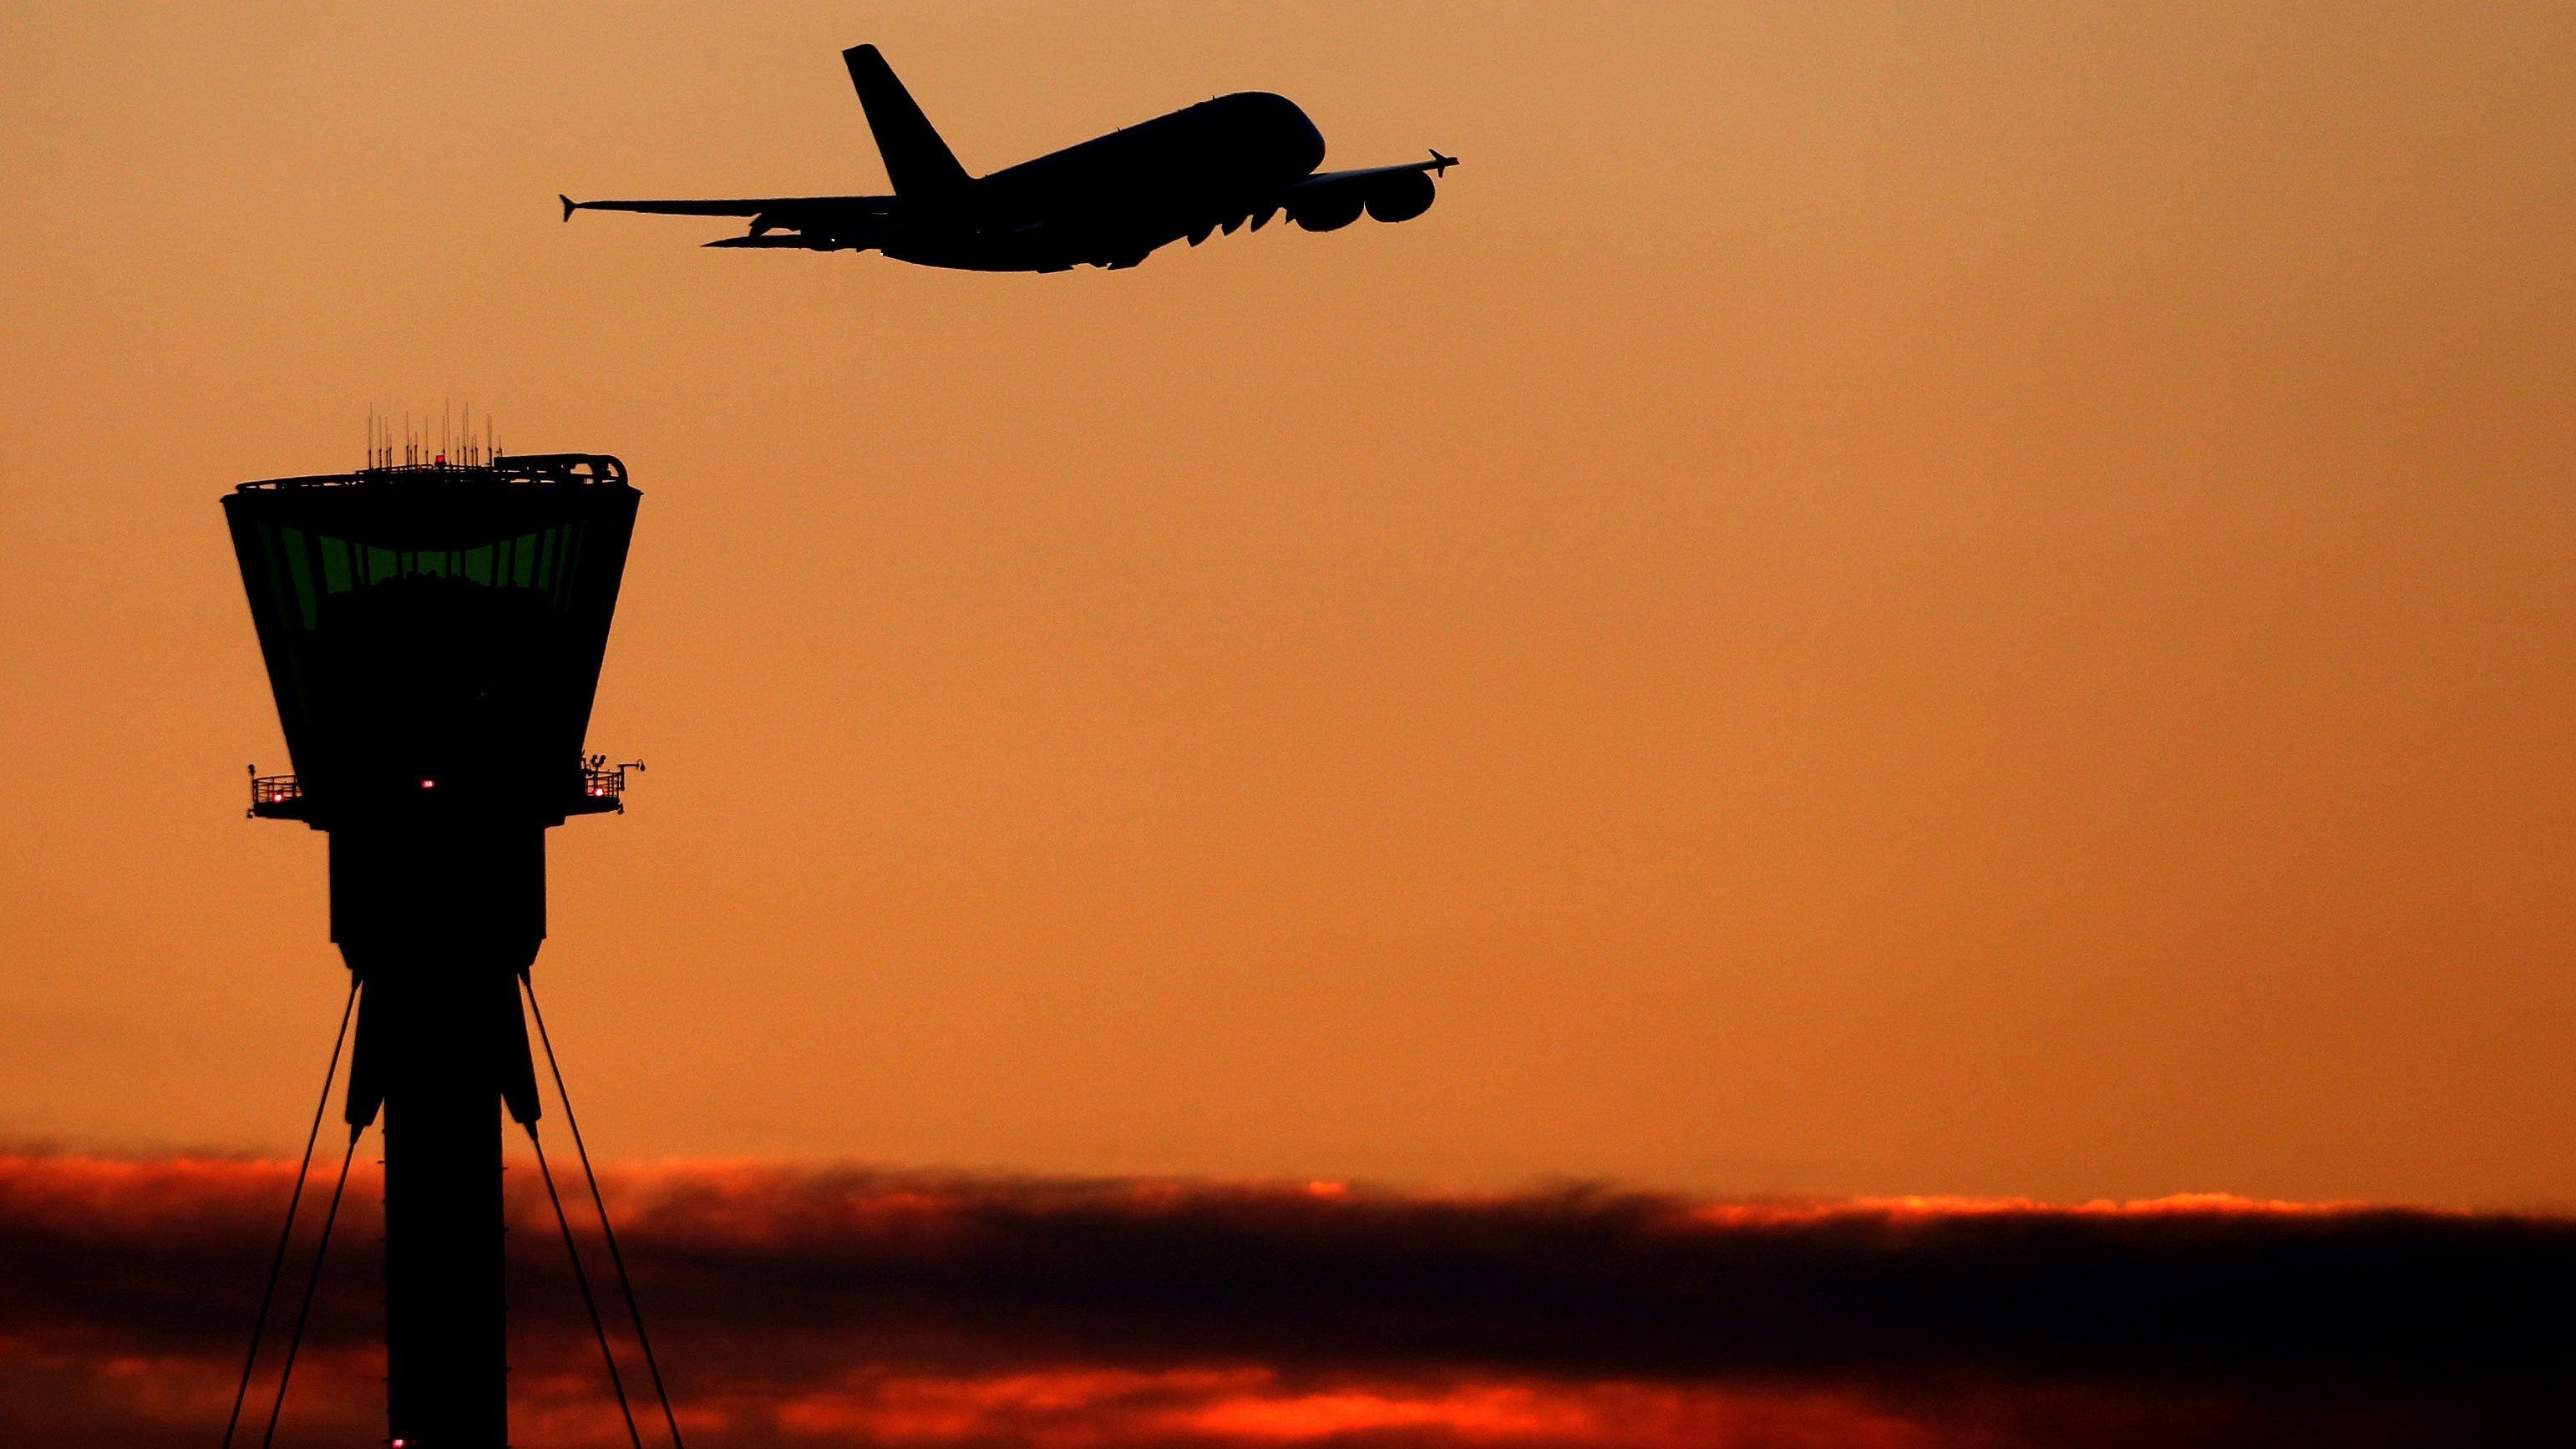 Λονδίνο: Πιλότος ετοιμαζόταν να πετάξει έχοντας πιει δέκα φορές πάνω από το